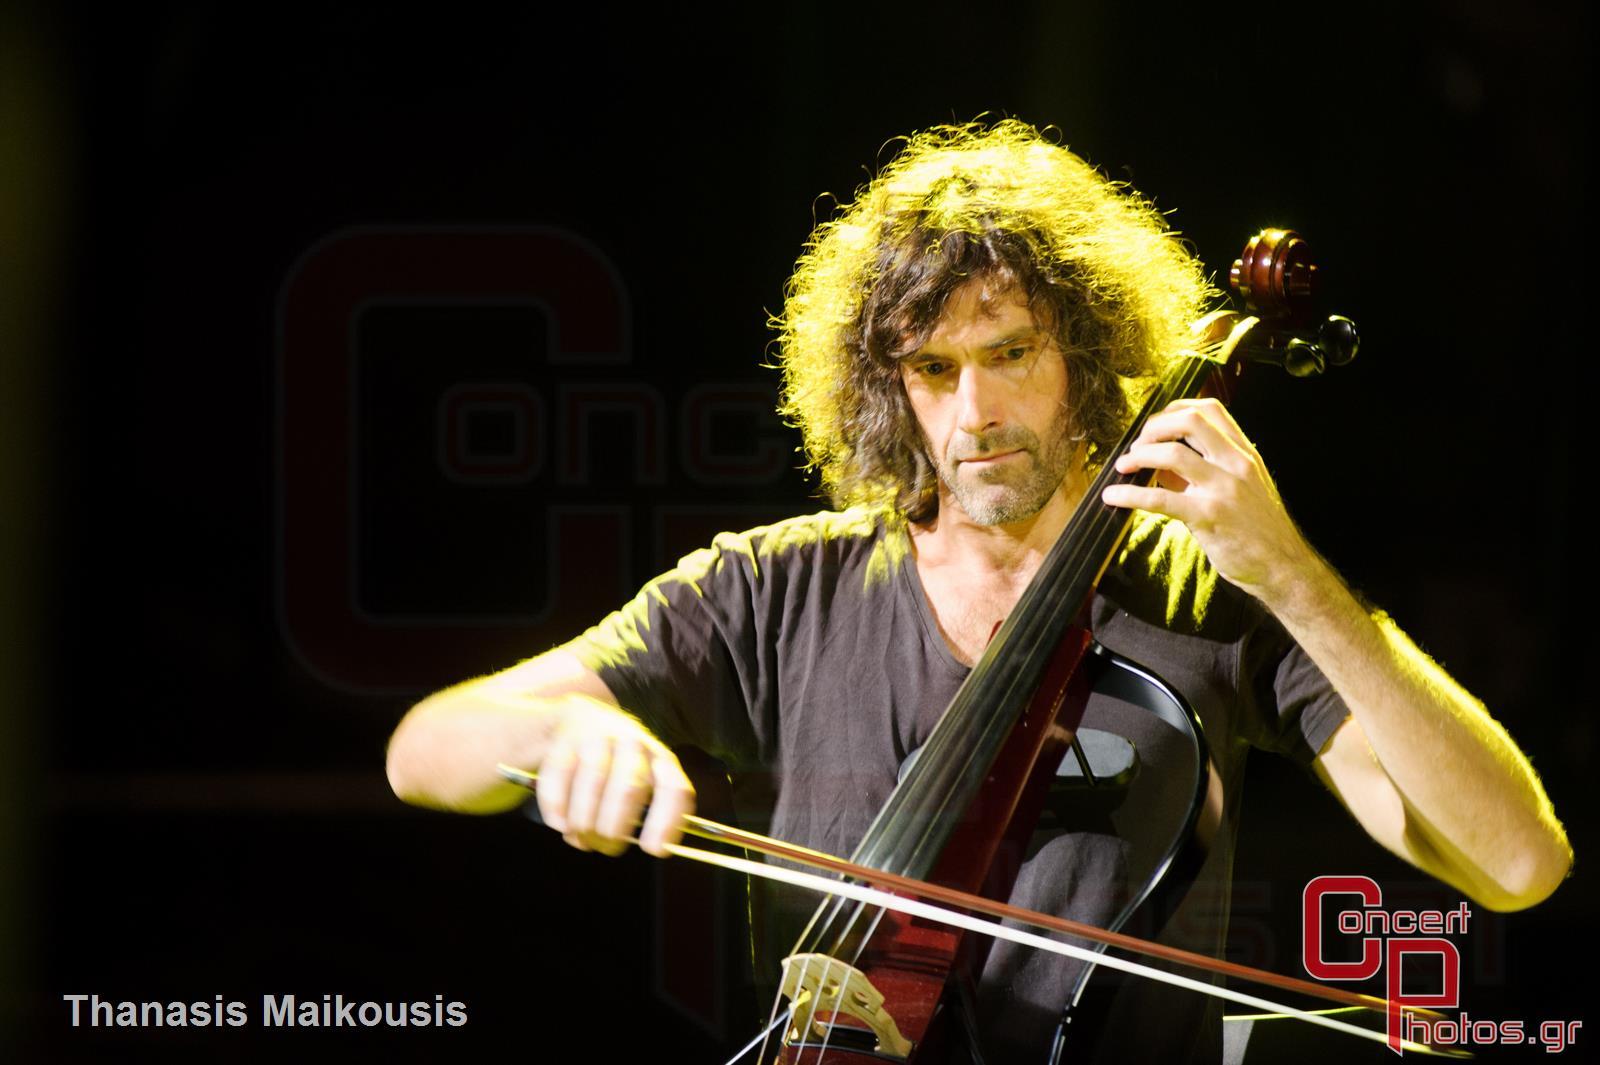 Nouvelle Vague-Nuvelle Vague photographer: Thanasis Maikousis - concertphotos_-7988